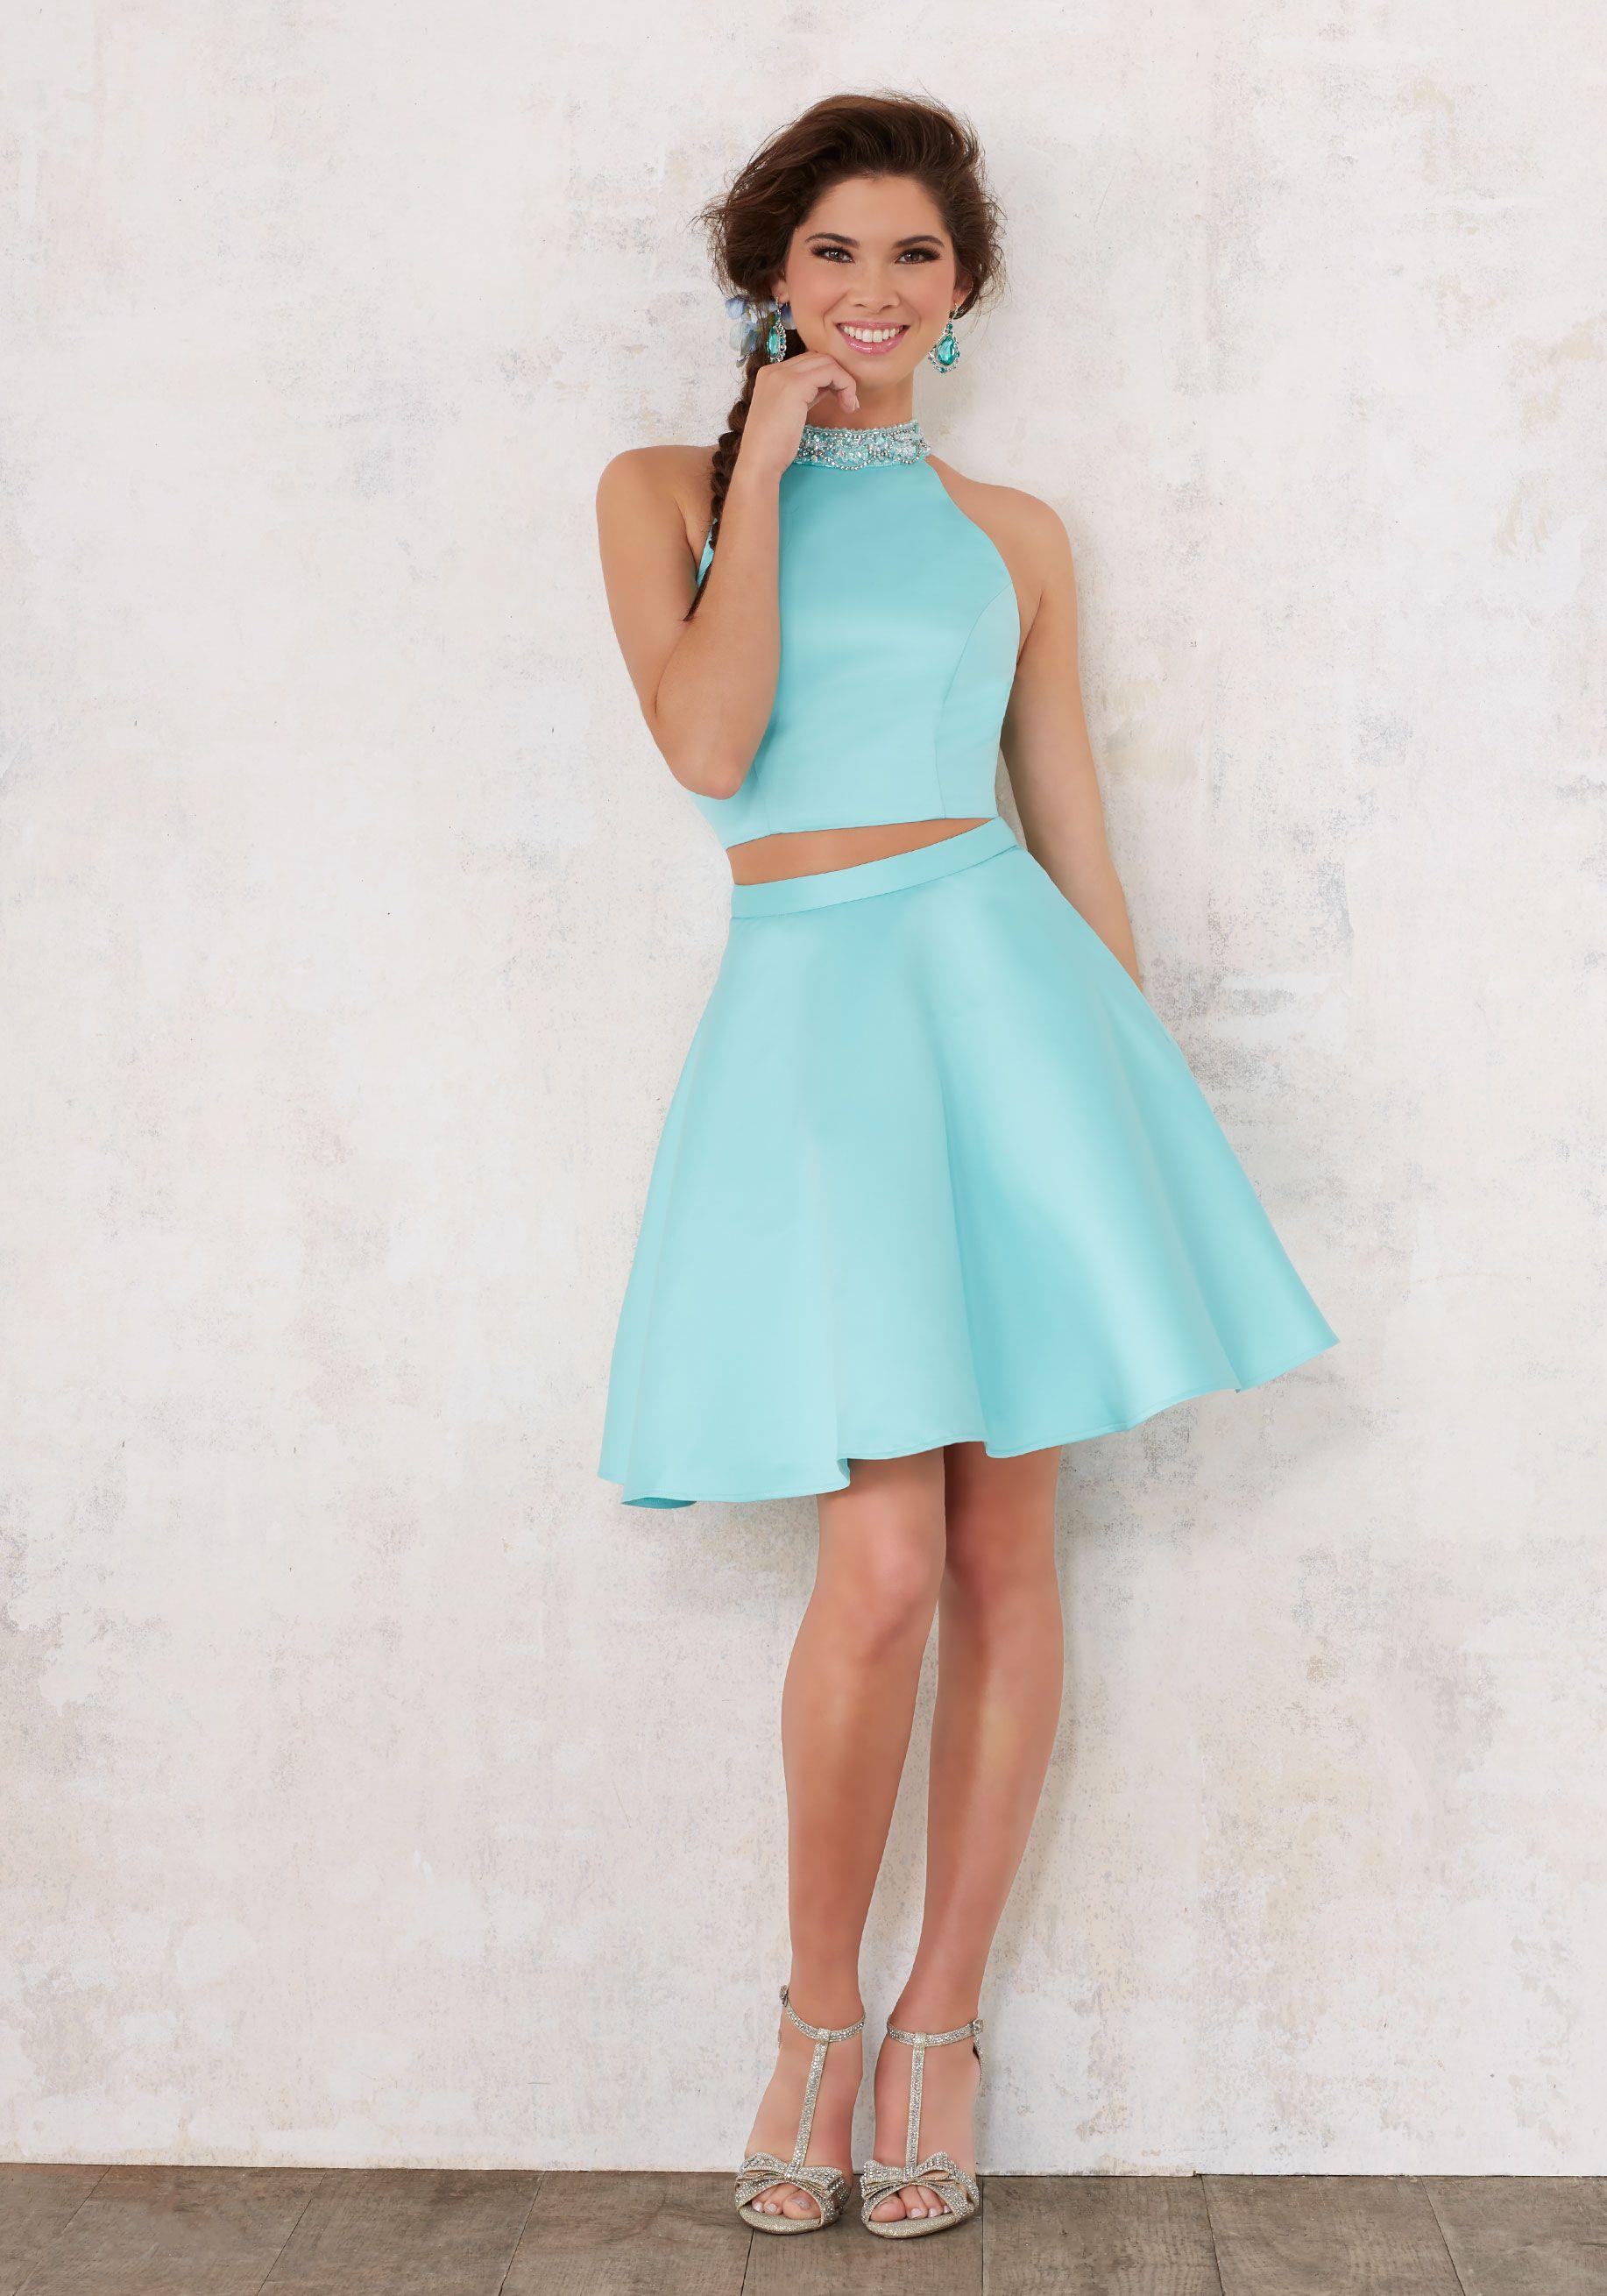 Two Piece Satin Damas Dress with Beading | Damas Style 9442 ...